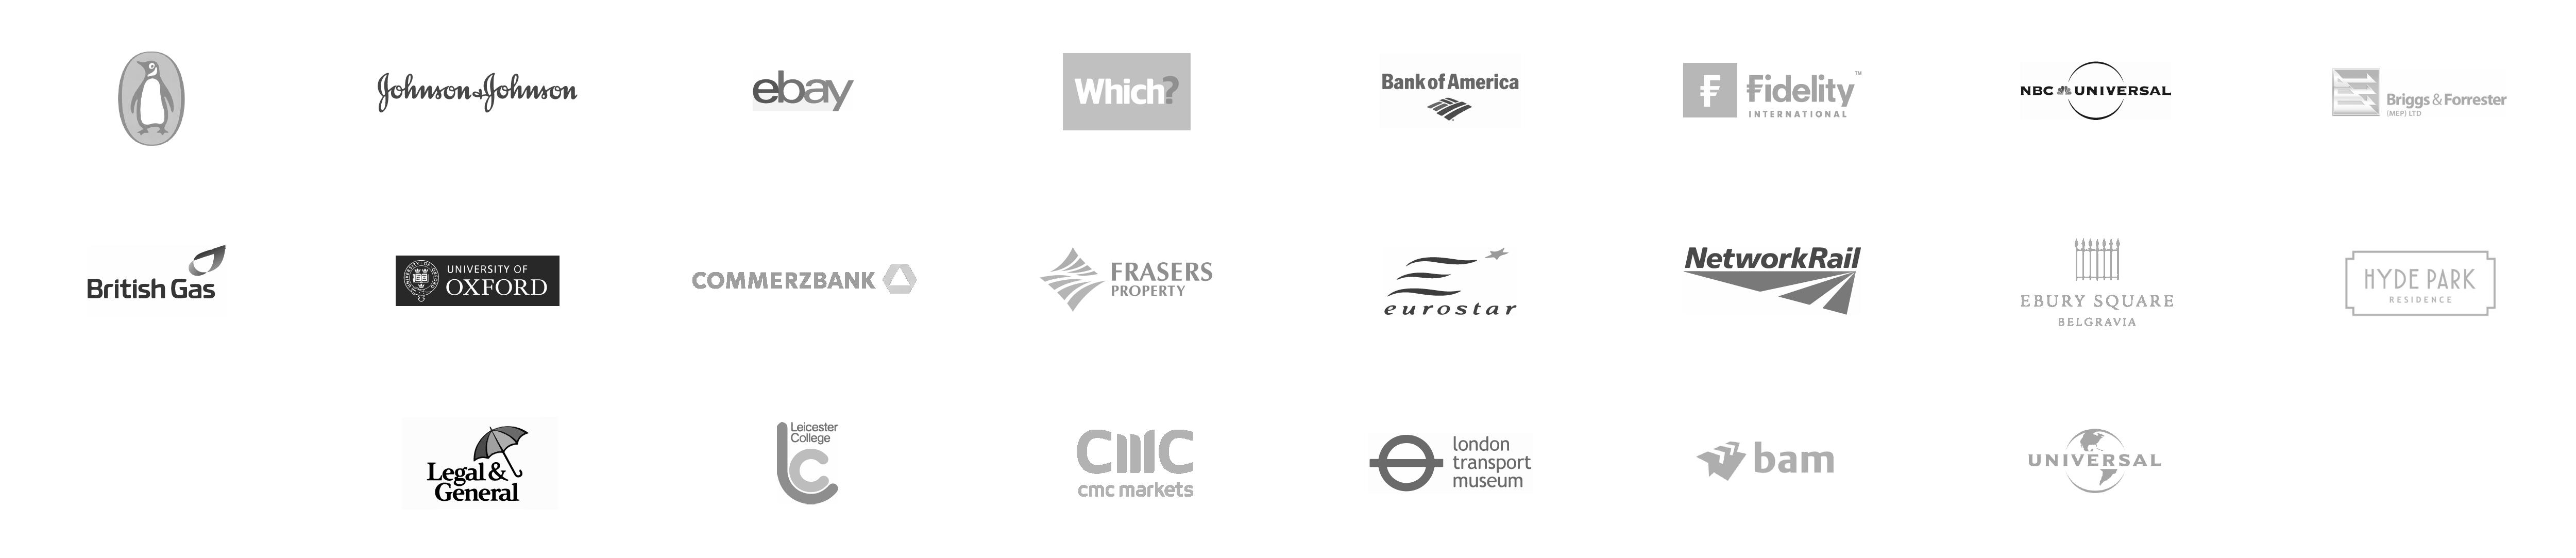 The Keyholding Company UK